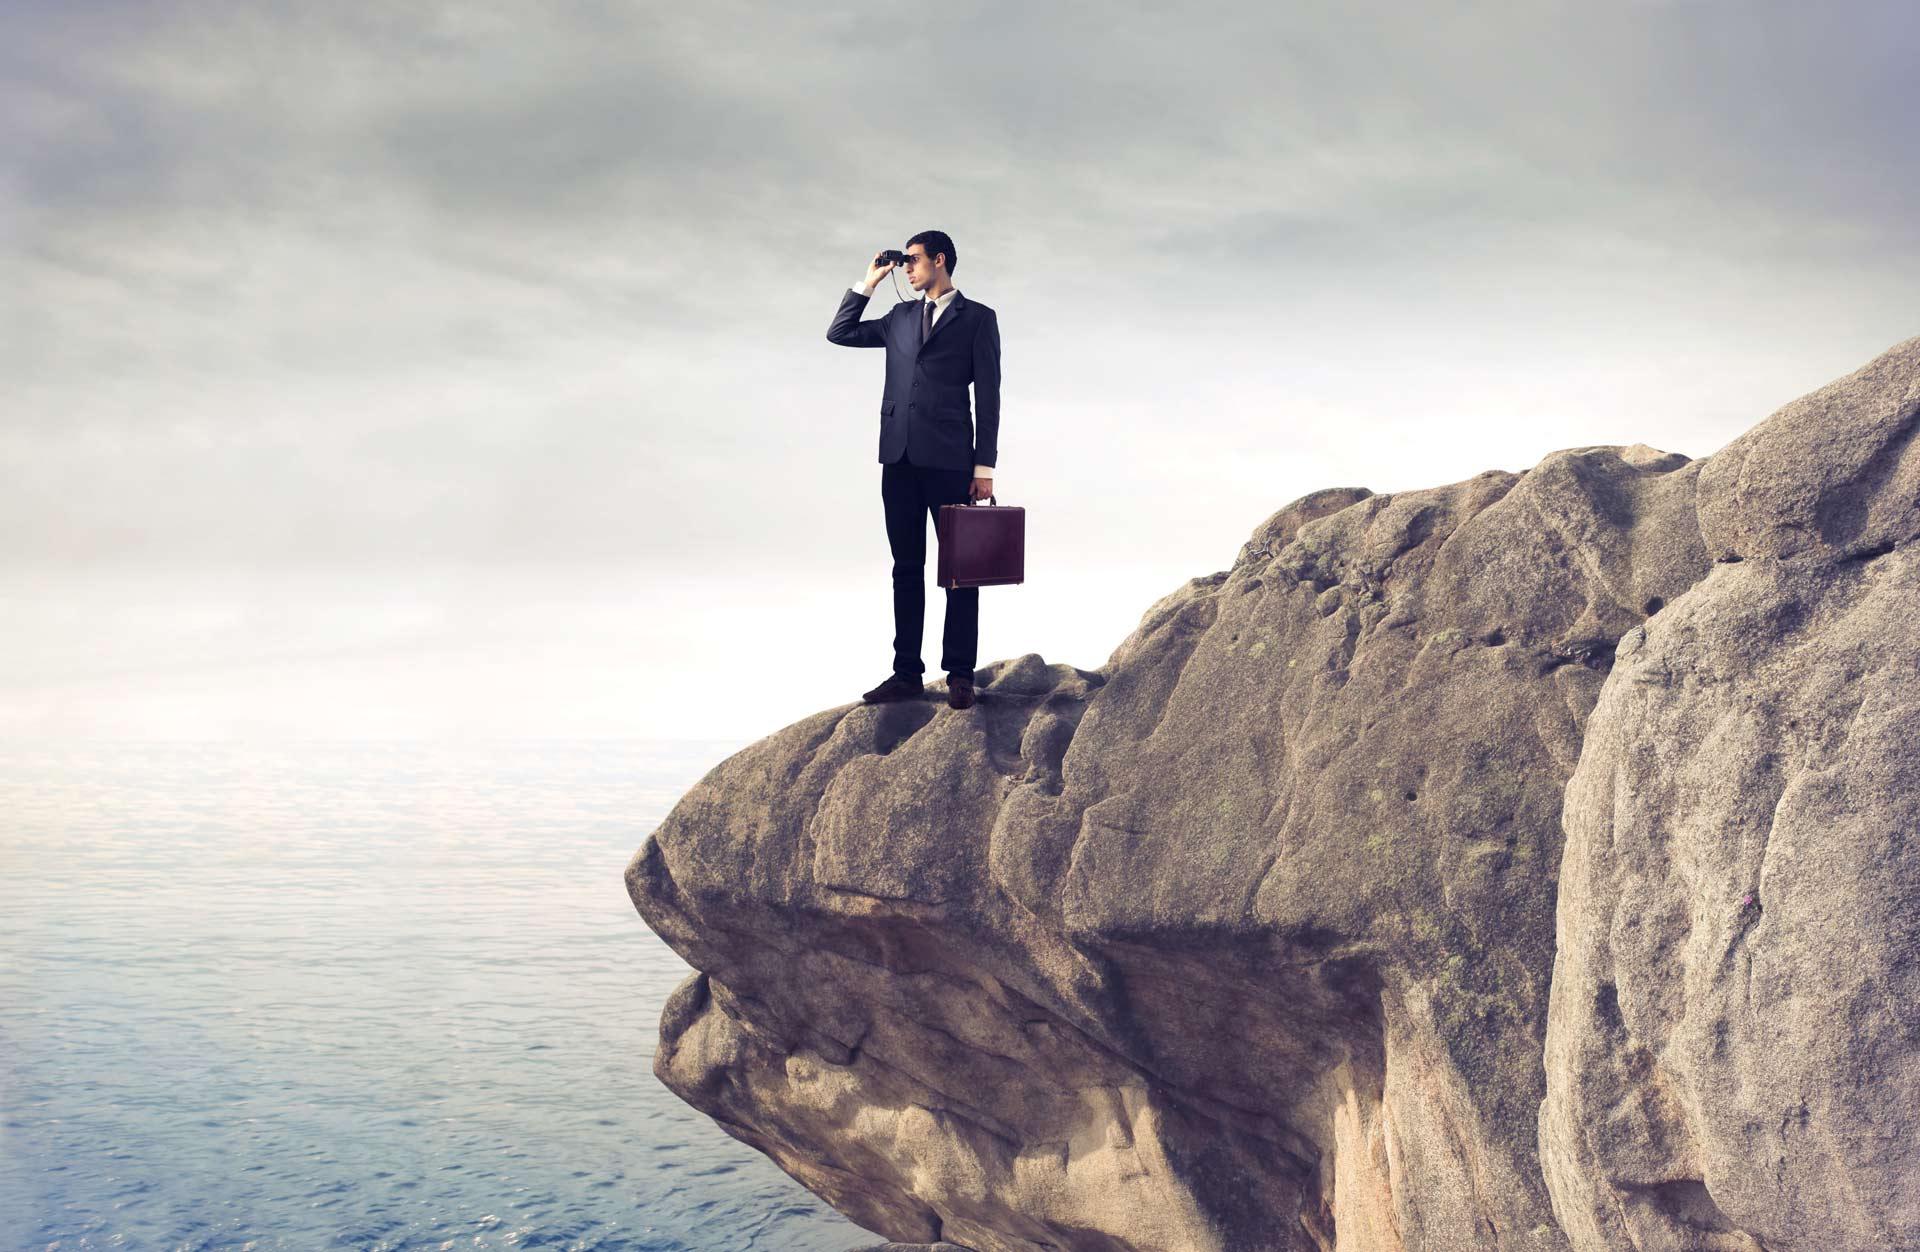 Вебинар: Как превратить свою мечту в цель